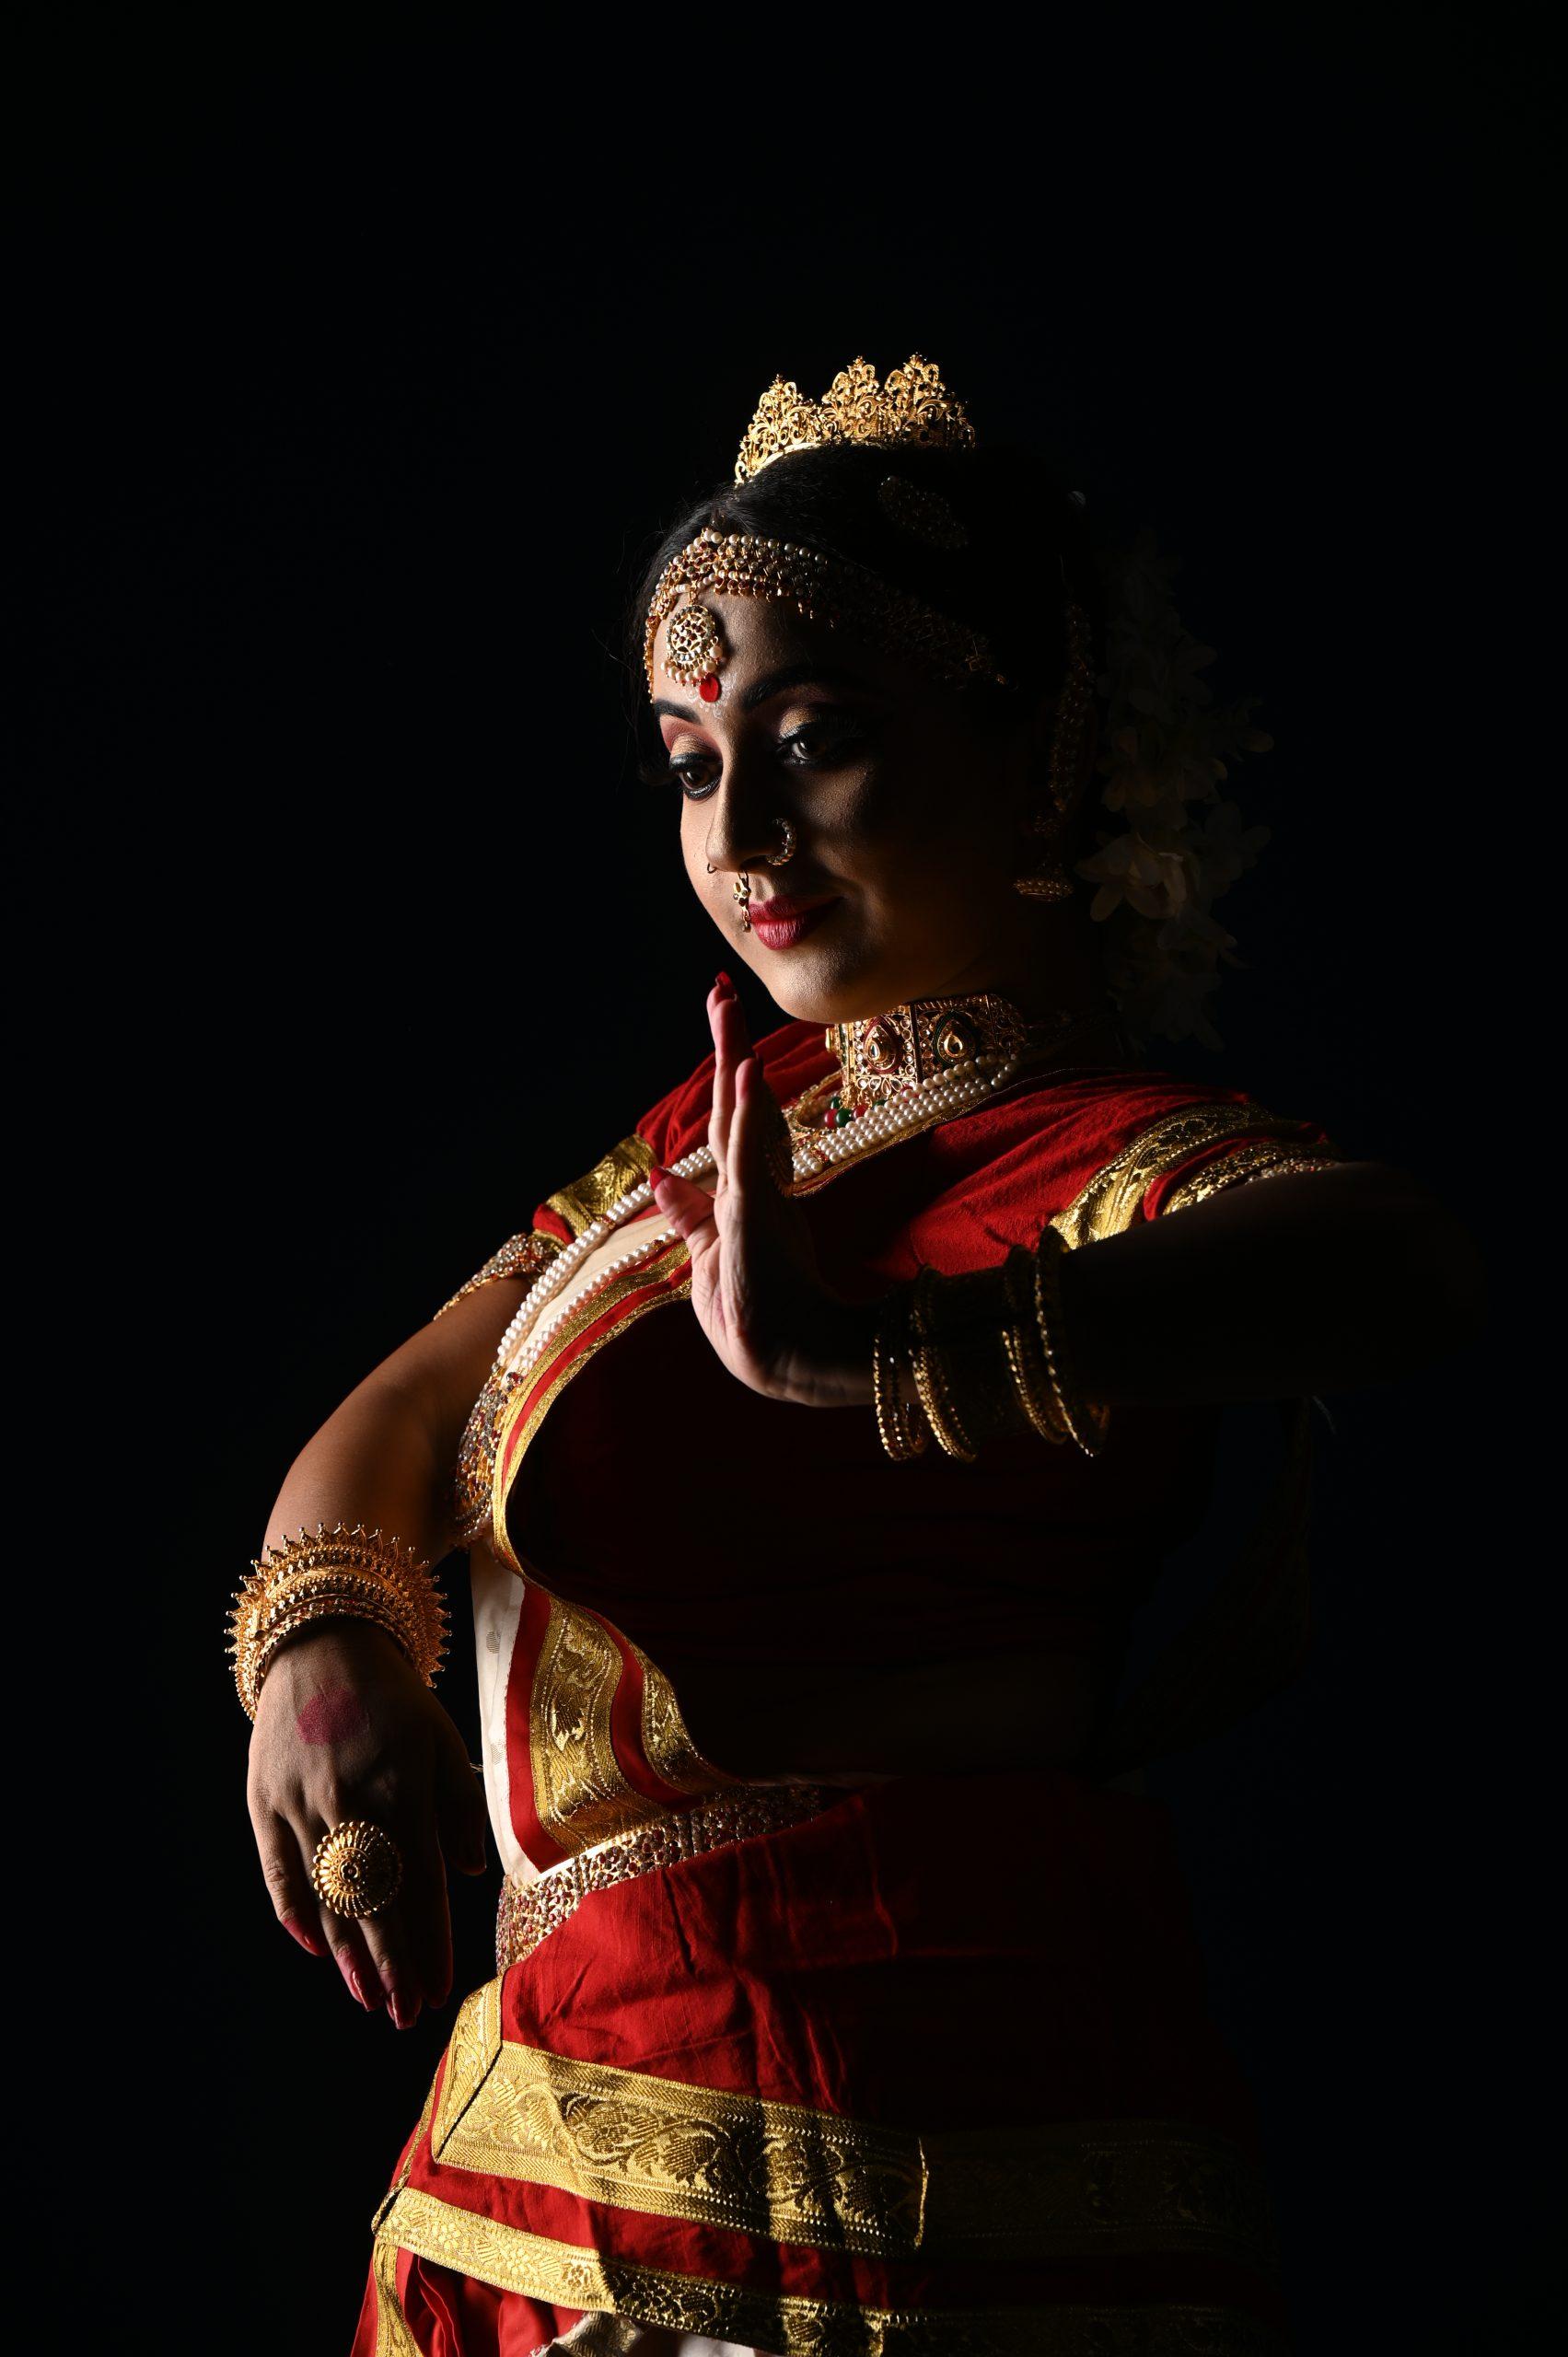 A female classical dancer